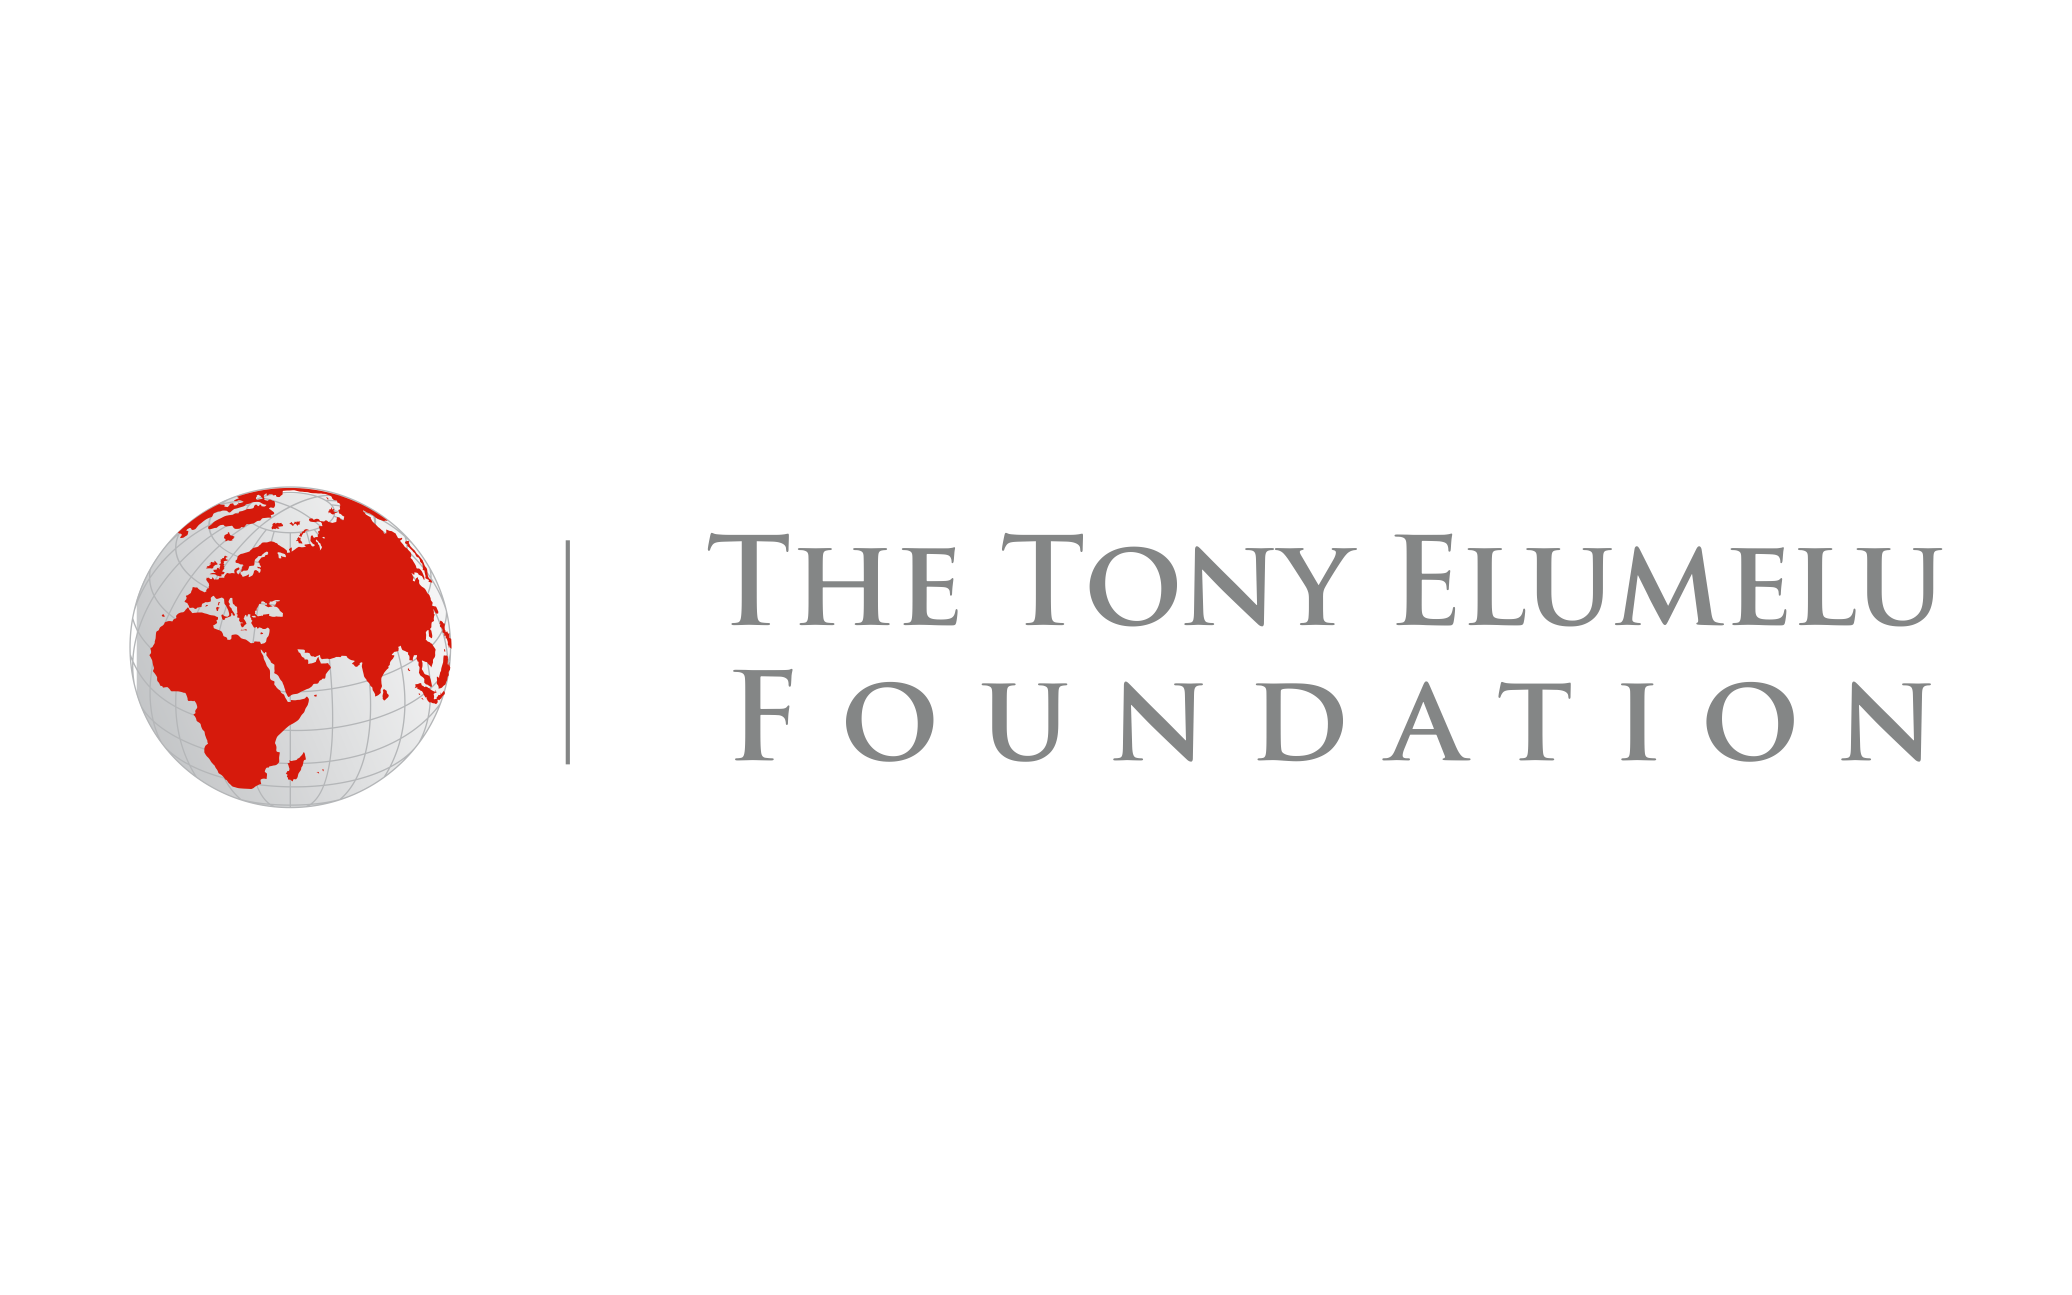 Tony Elumelu Foundation